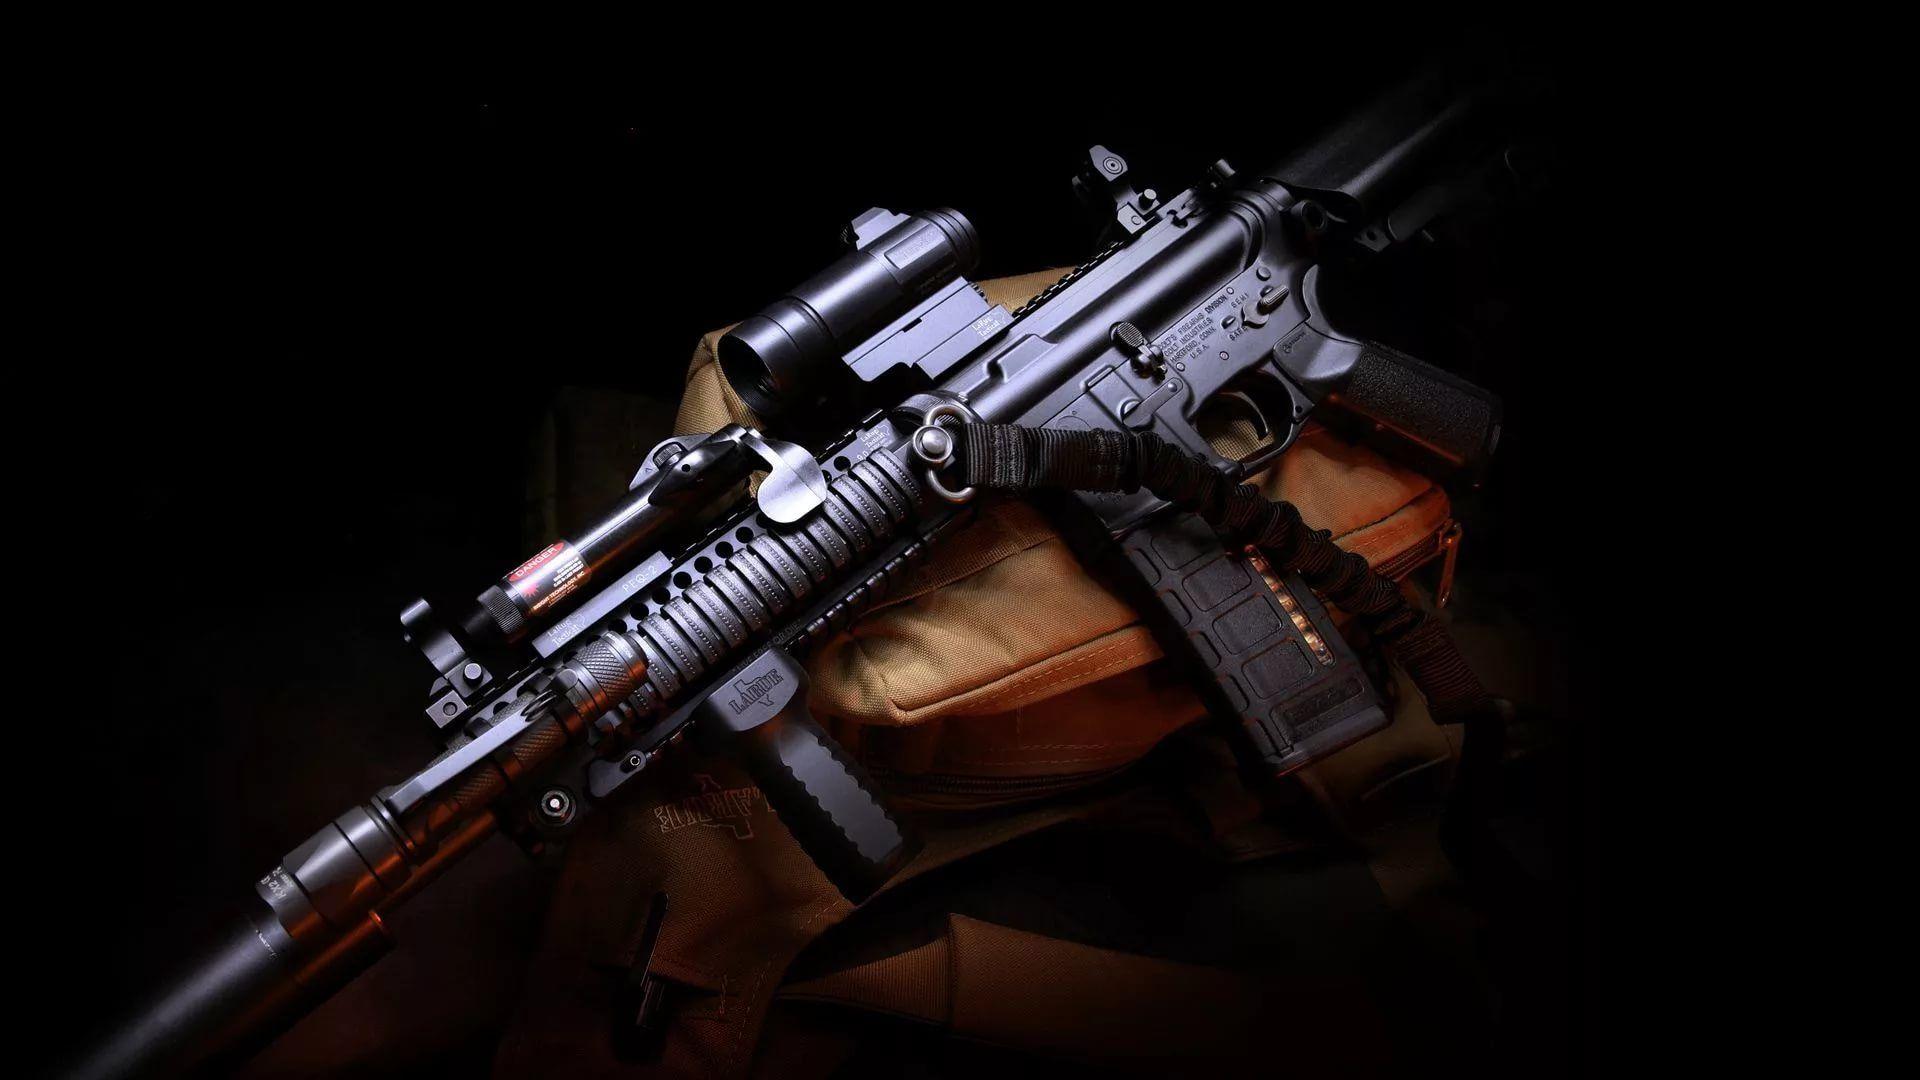 Gun For Desktop Background Wallpaper HD